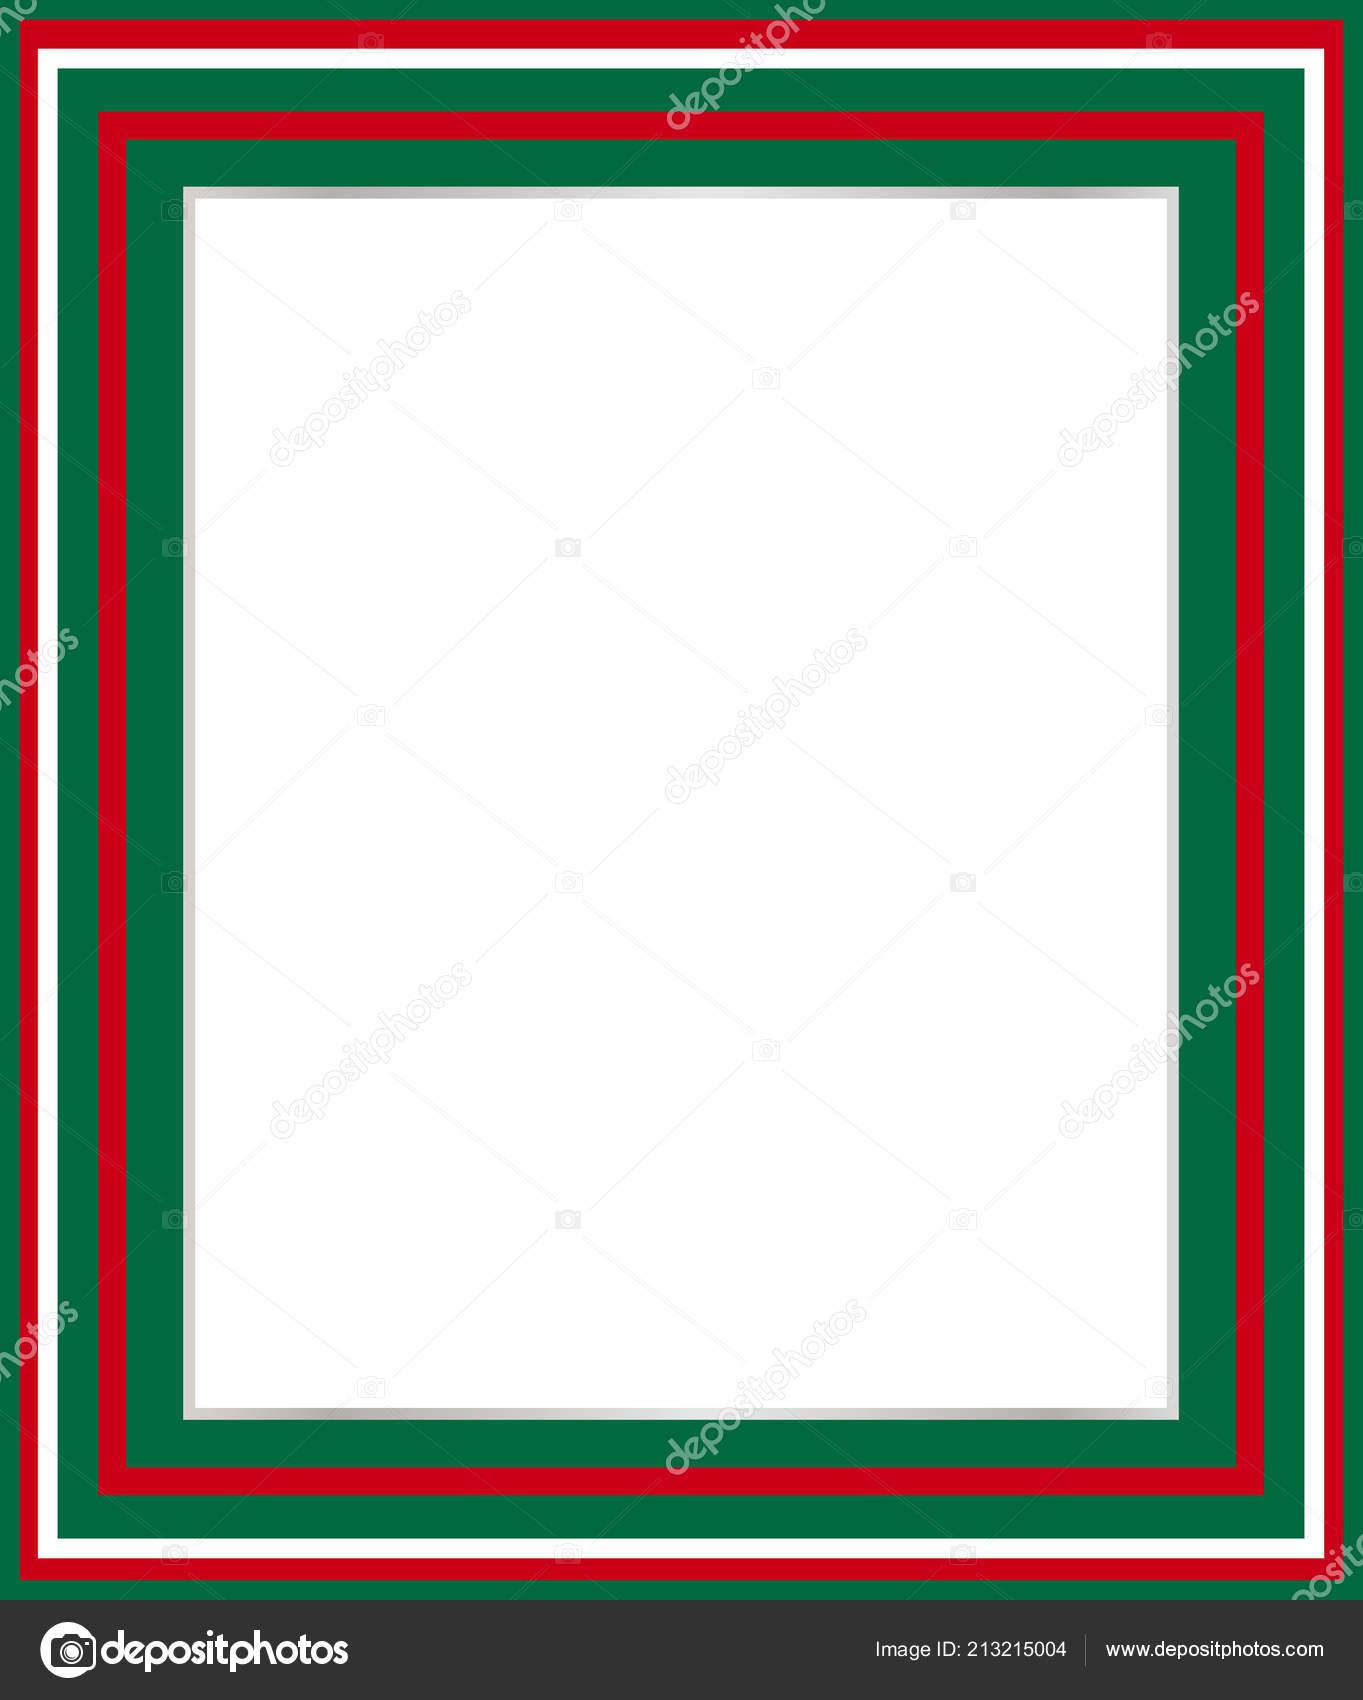 Italienische Grüne Weiße Rote Grenze Für Bilderrahmen Menüs